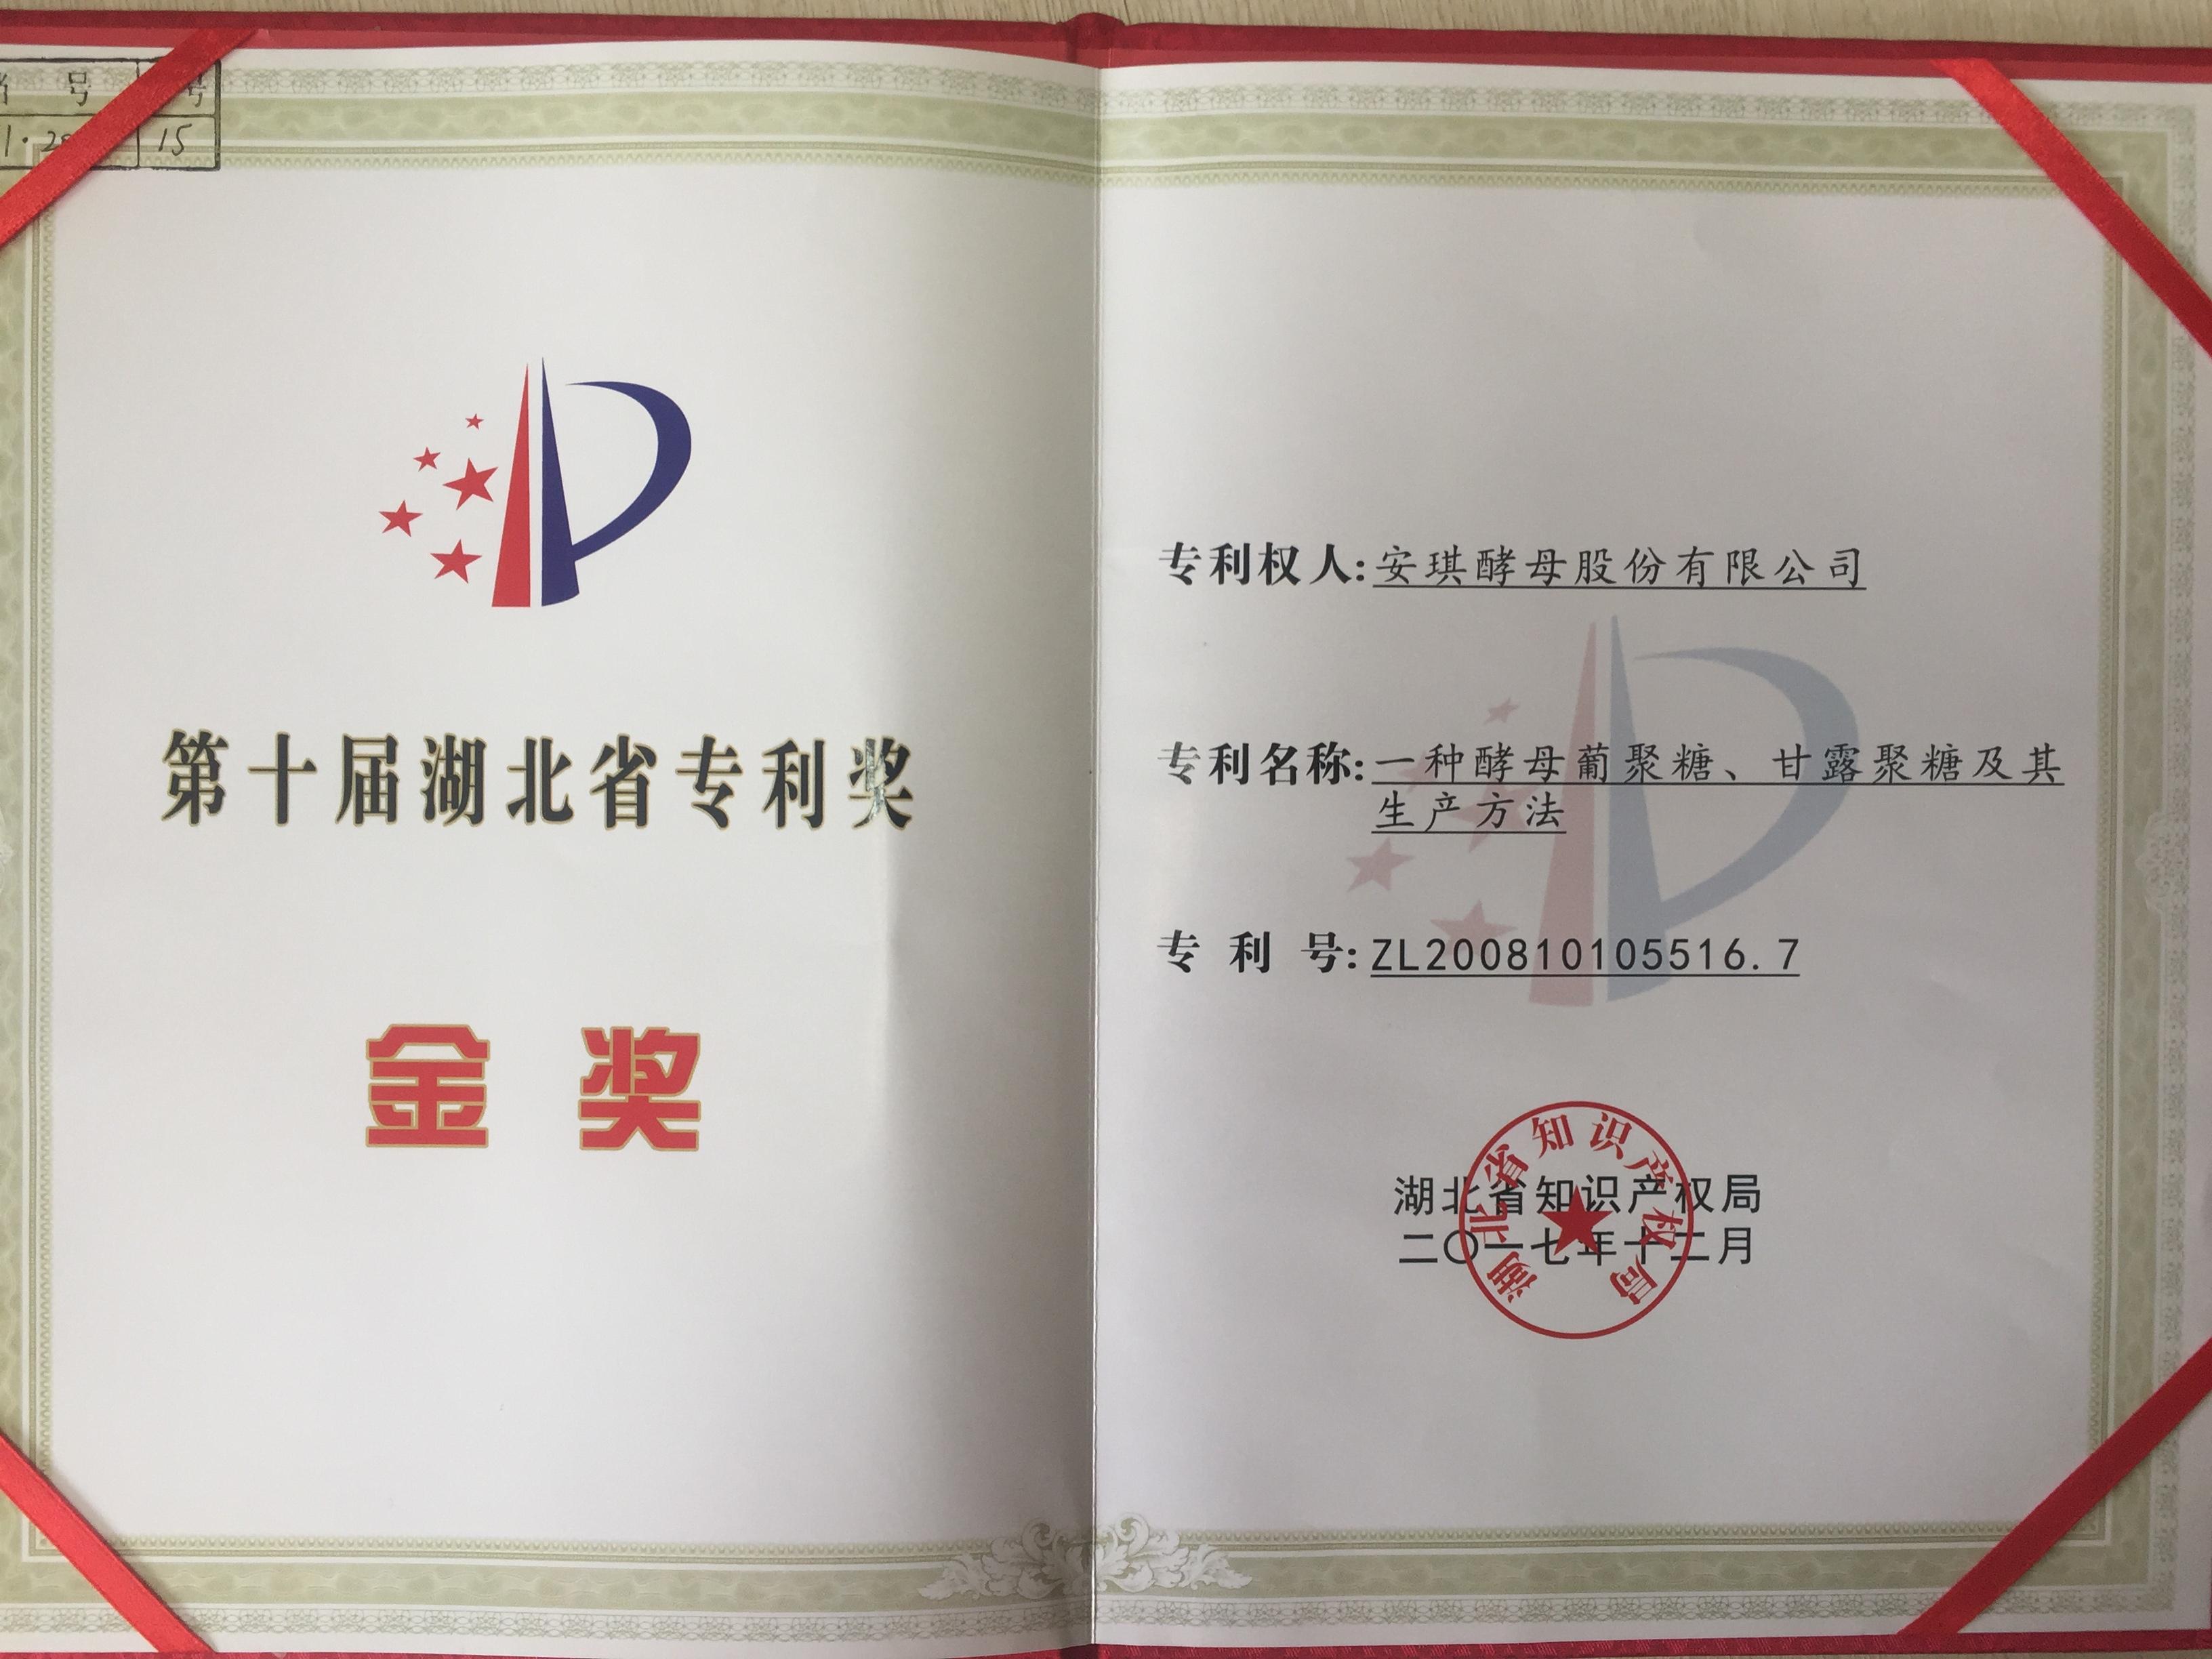 """""""一种酵母葡聚糖、甘露聚糖及其生产方法""""获第十届湖北省专利奖"""